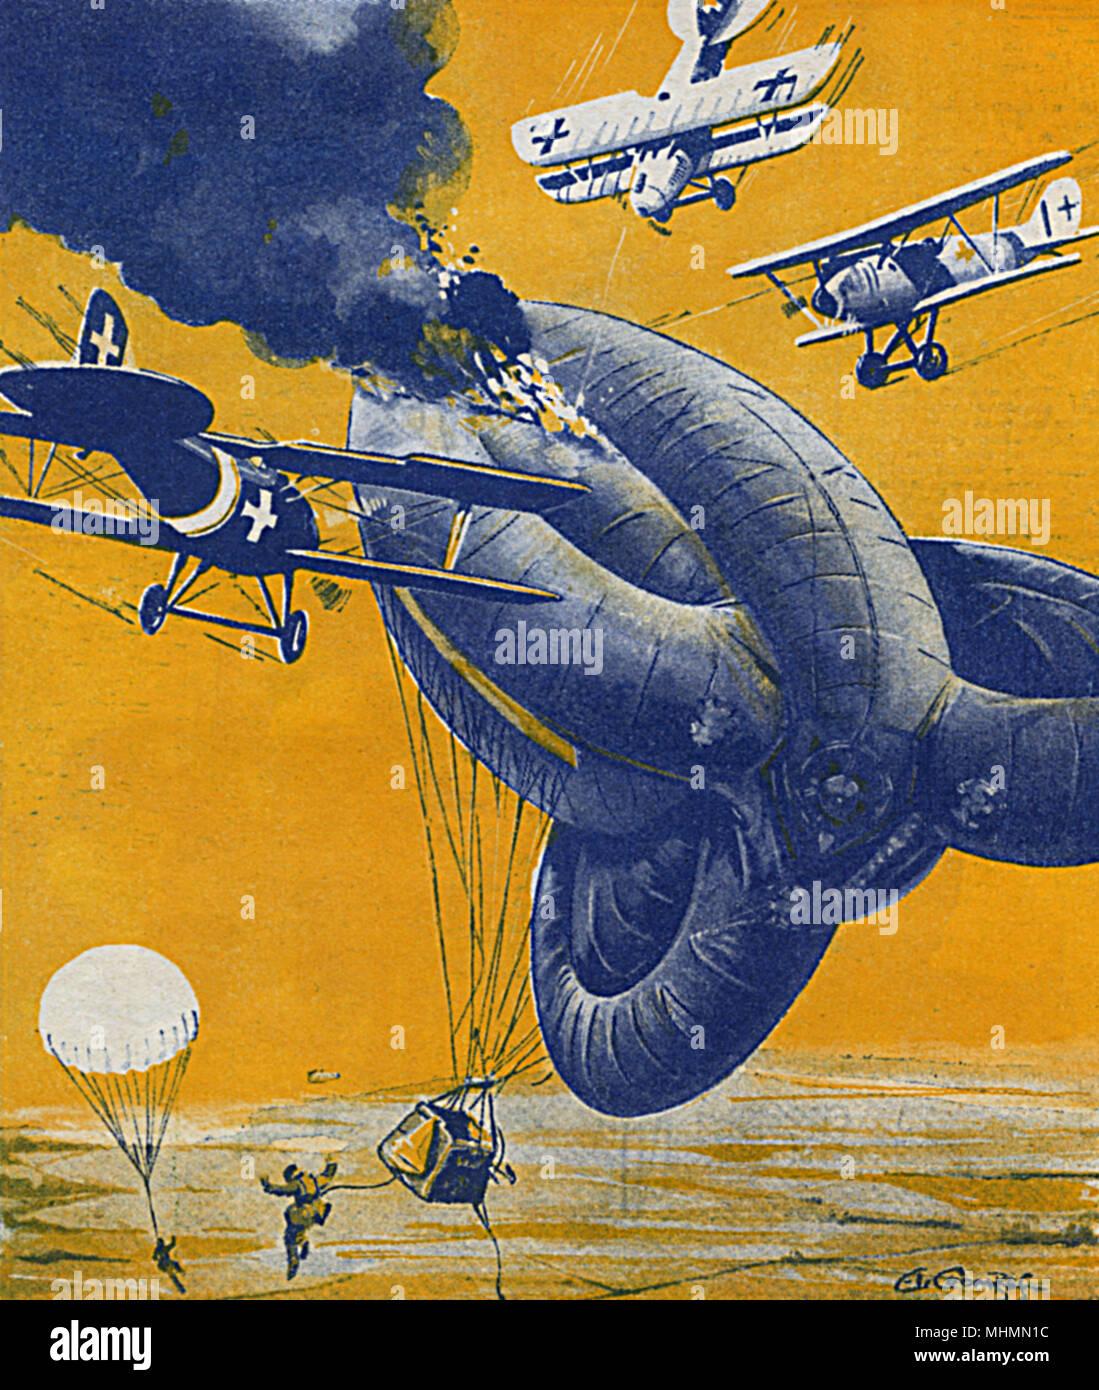 """""""Le temps d'une """"saucisse"""""""". Un ballon d'observation britannique est abattu par des avions ennemis durant la Première Guerre mondiale. Les occupants de son panier a sauté à la sécurité d'espoir avec leurs ballons, appelés glands en raison de leur forme lorsqu'il est déplié et suspendues sur le bord du panier. Date: 1932 Banque D'Images"""